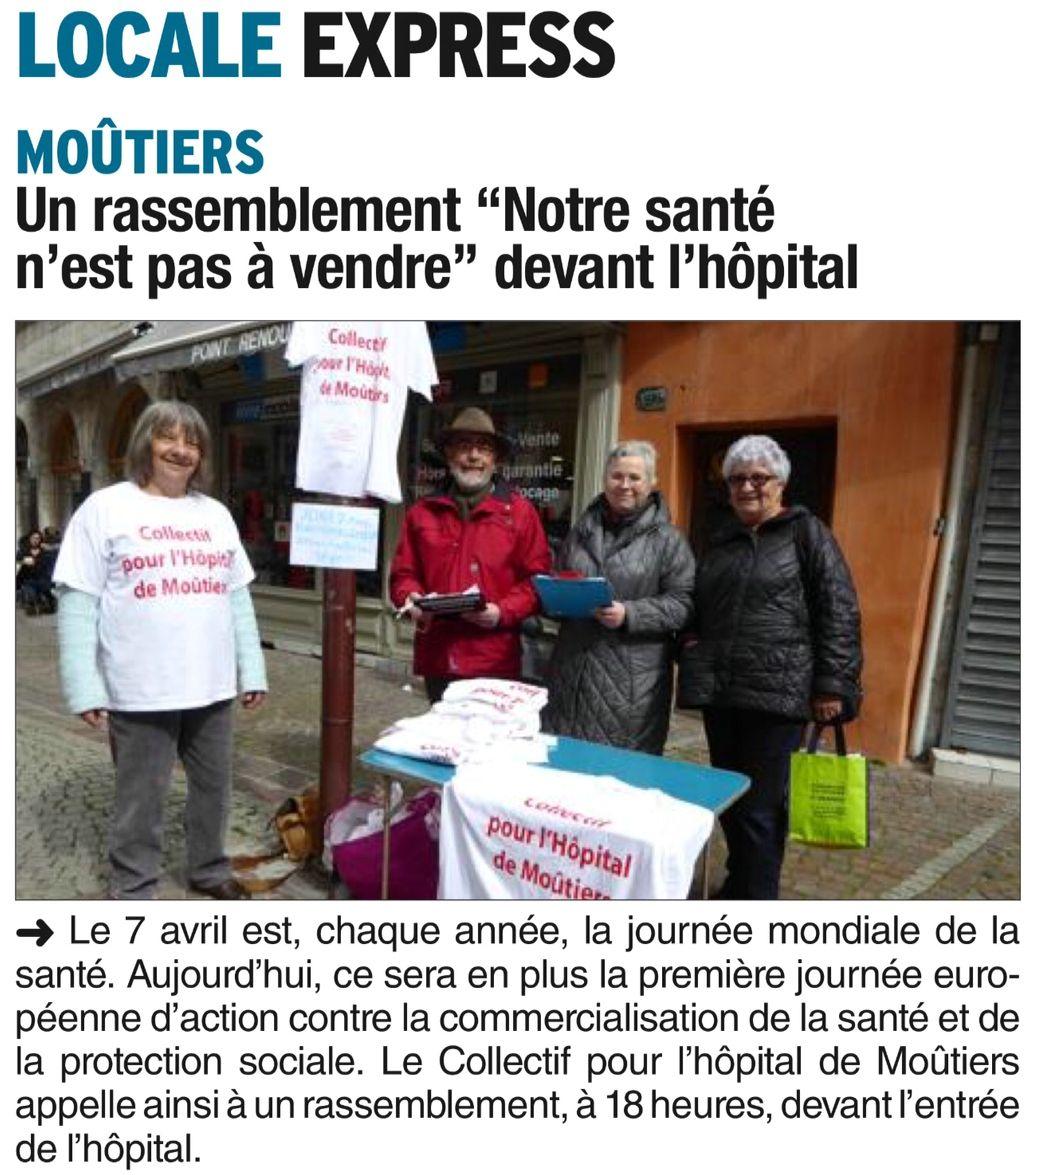 2016-04-07 - Le DL - Un rassemblement -Notre santé n'est pas à vendre- devant l'hôpital